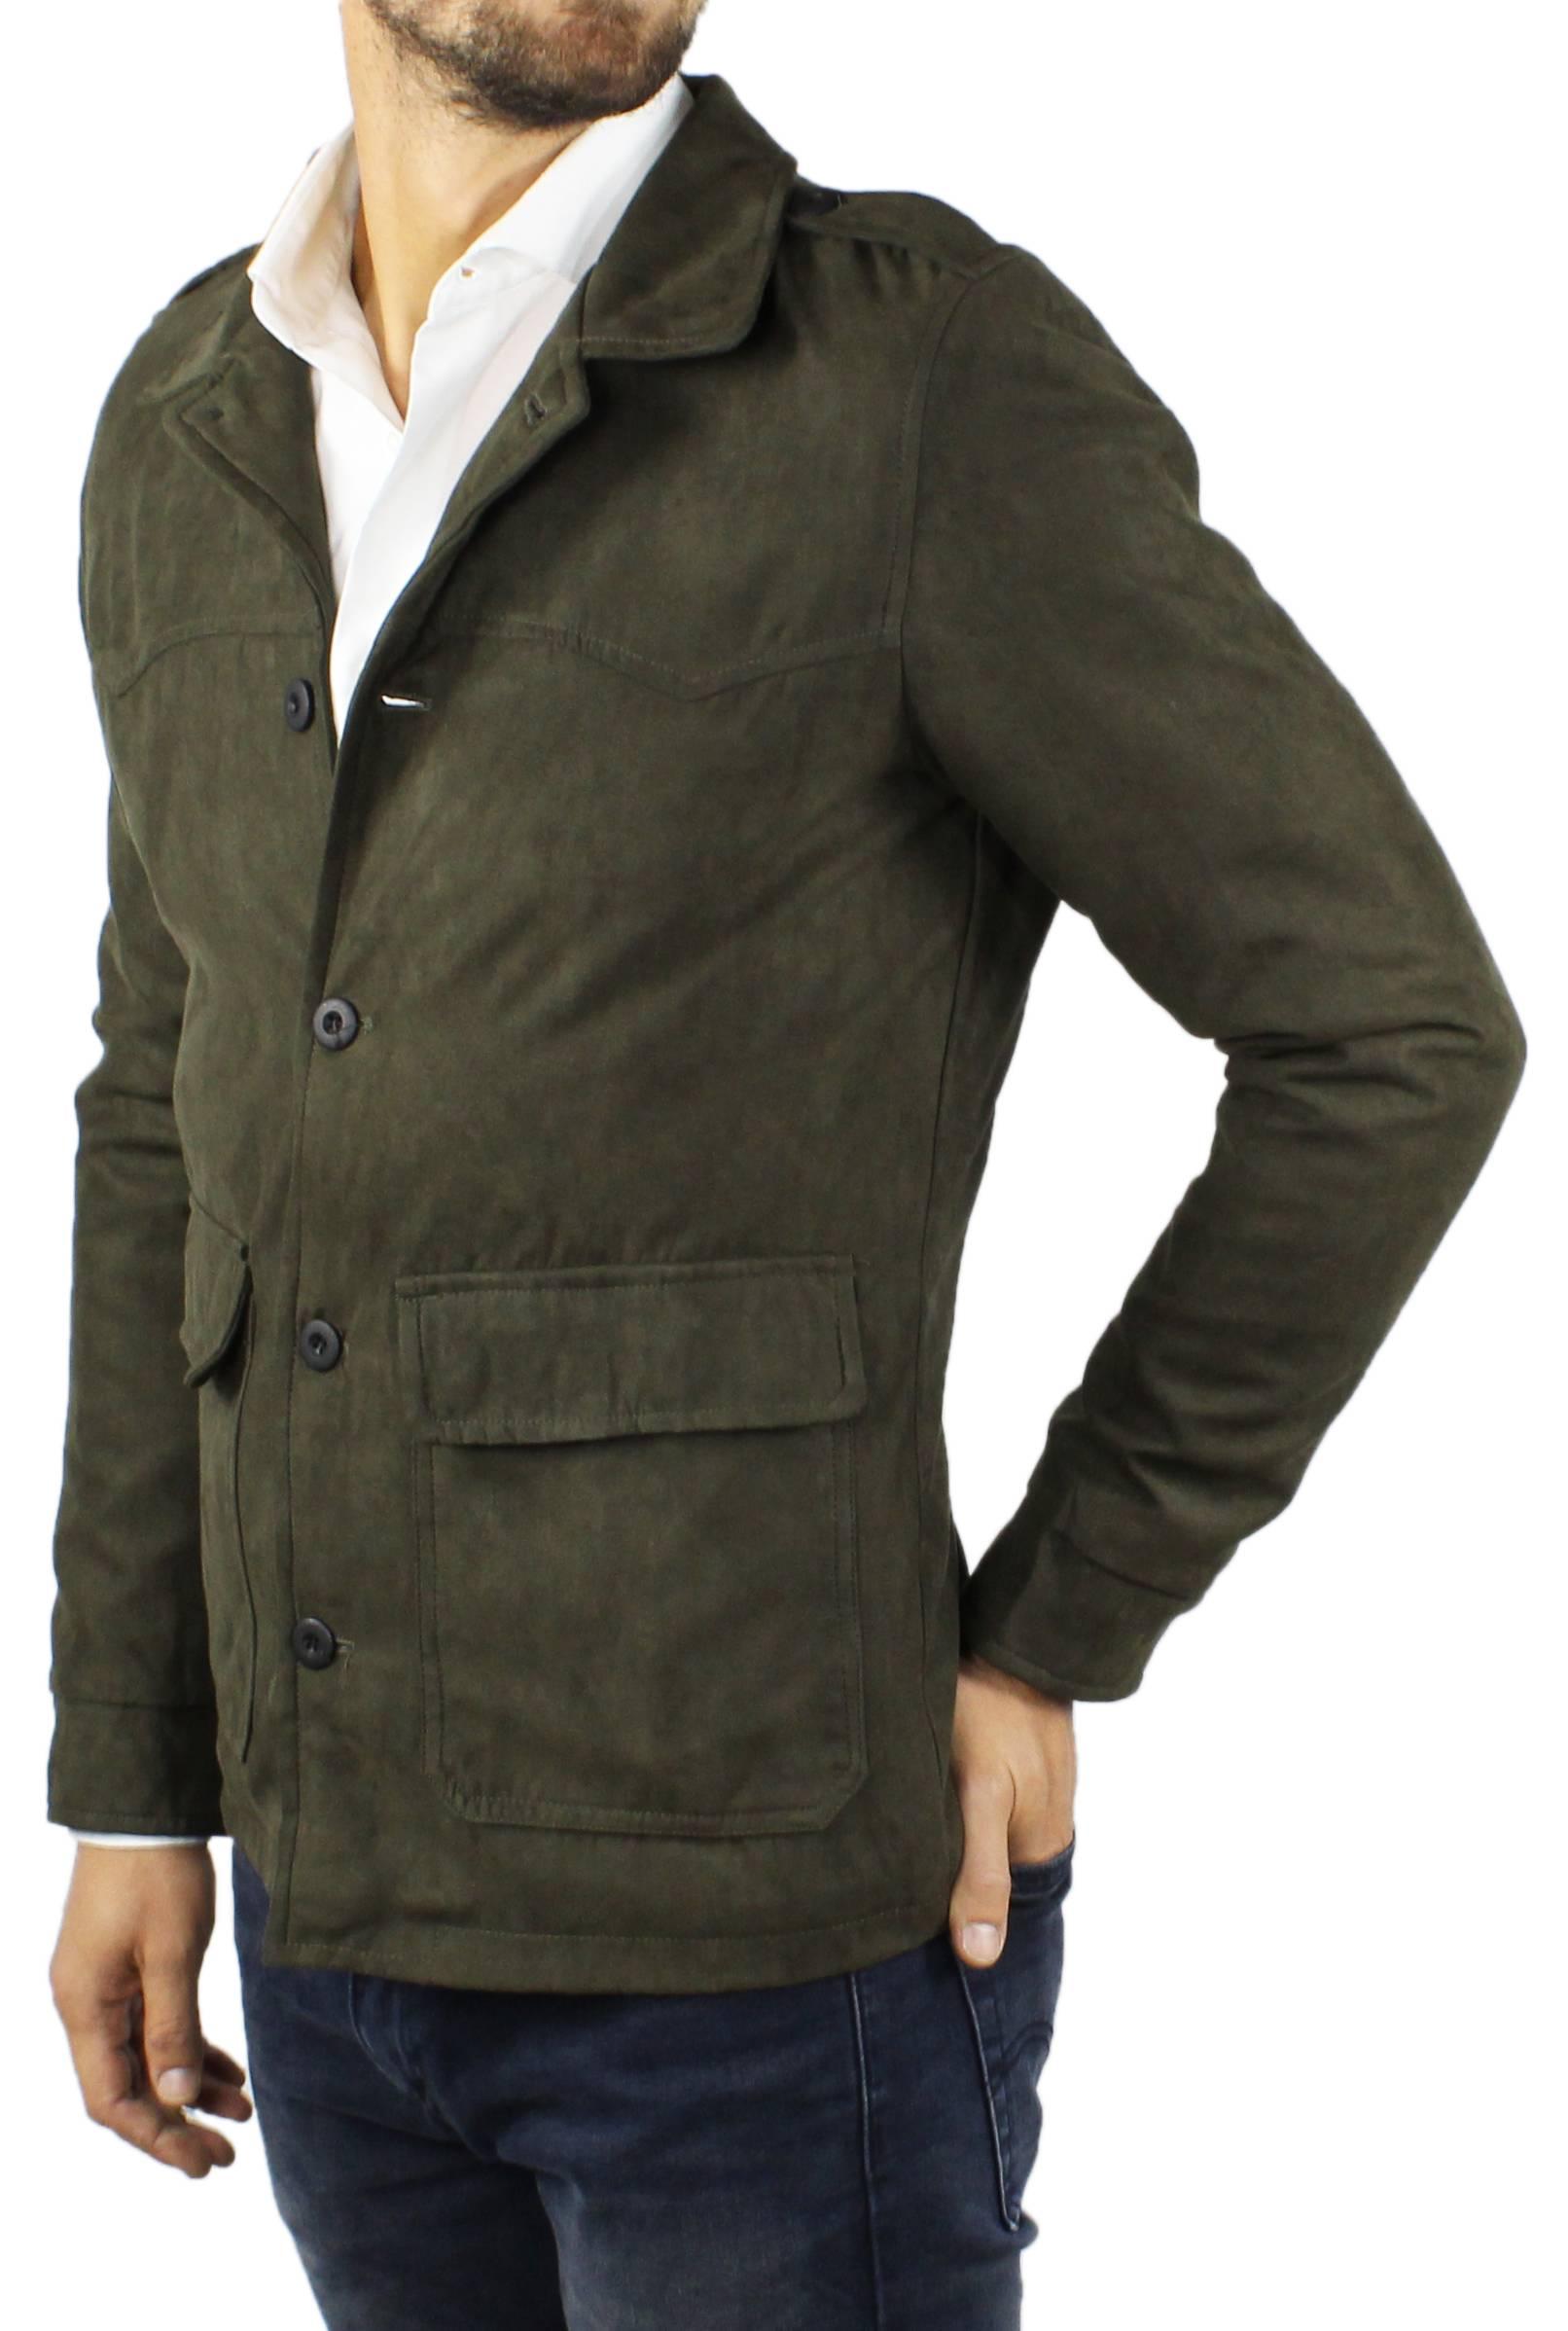 Cappotto-Uomo-Scamosciato-Invernale-Elegante-Giubbotto-Giacca-Trench-Casual miniatura 13